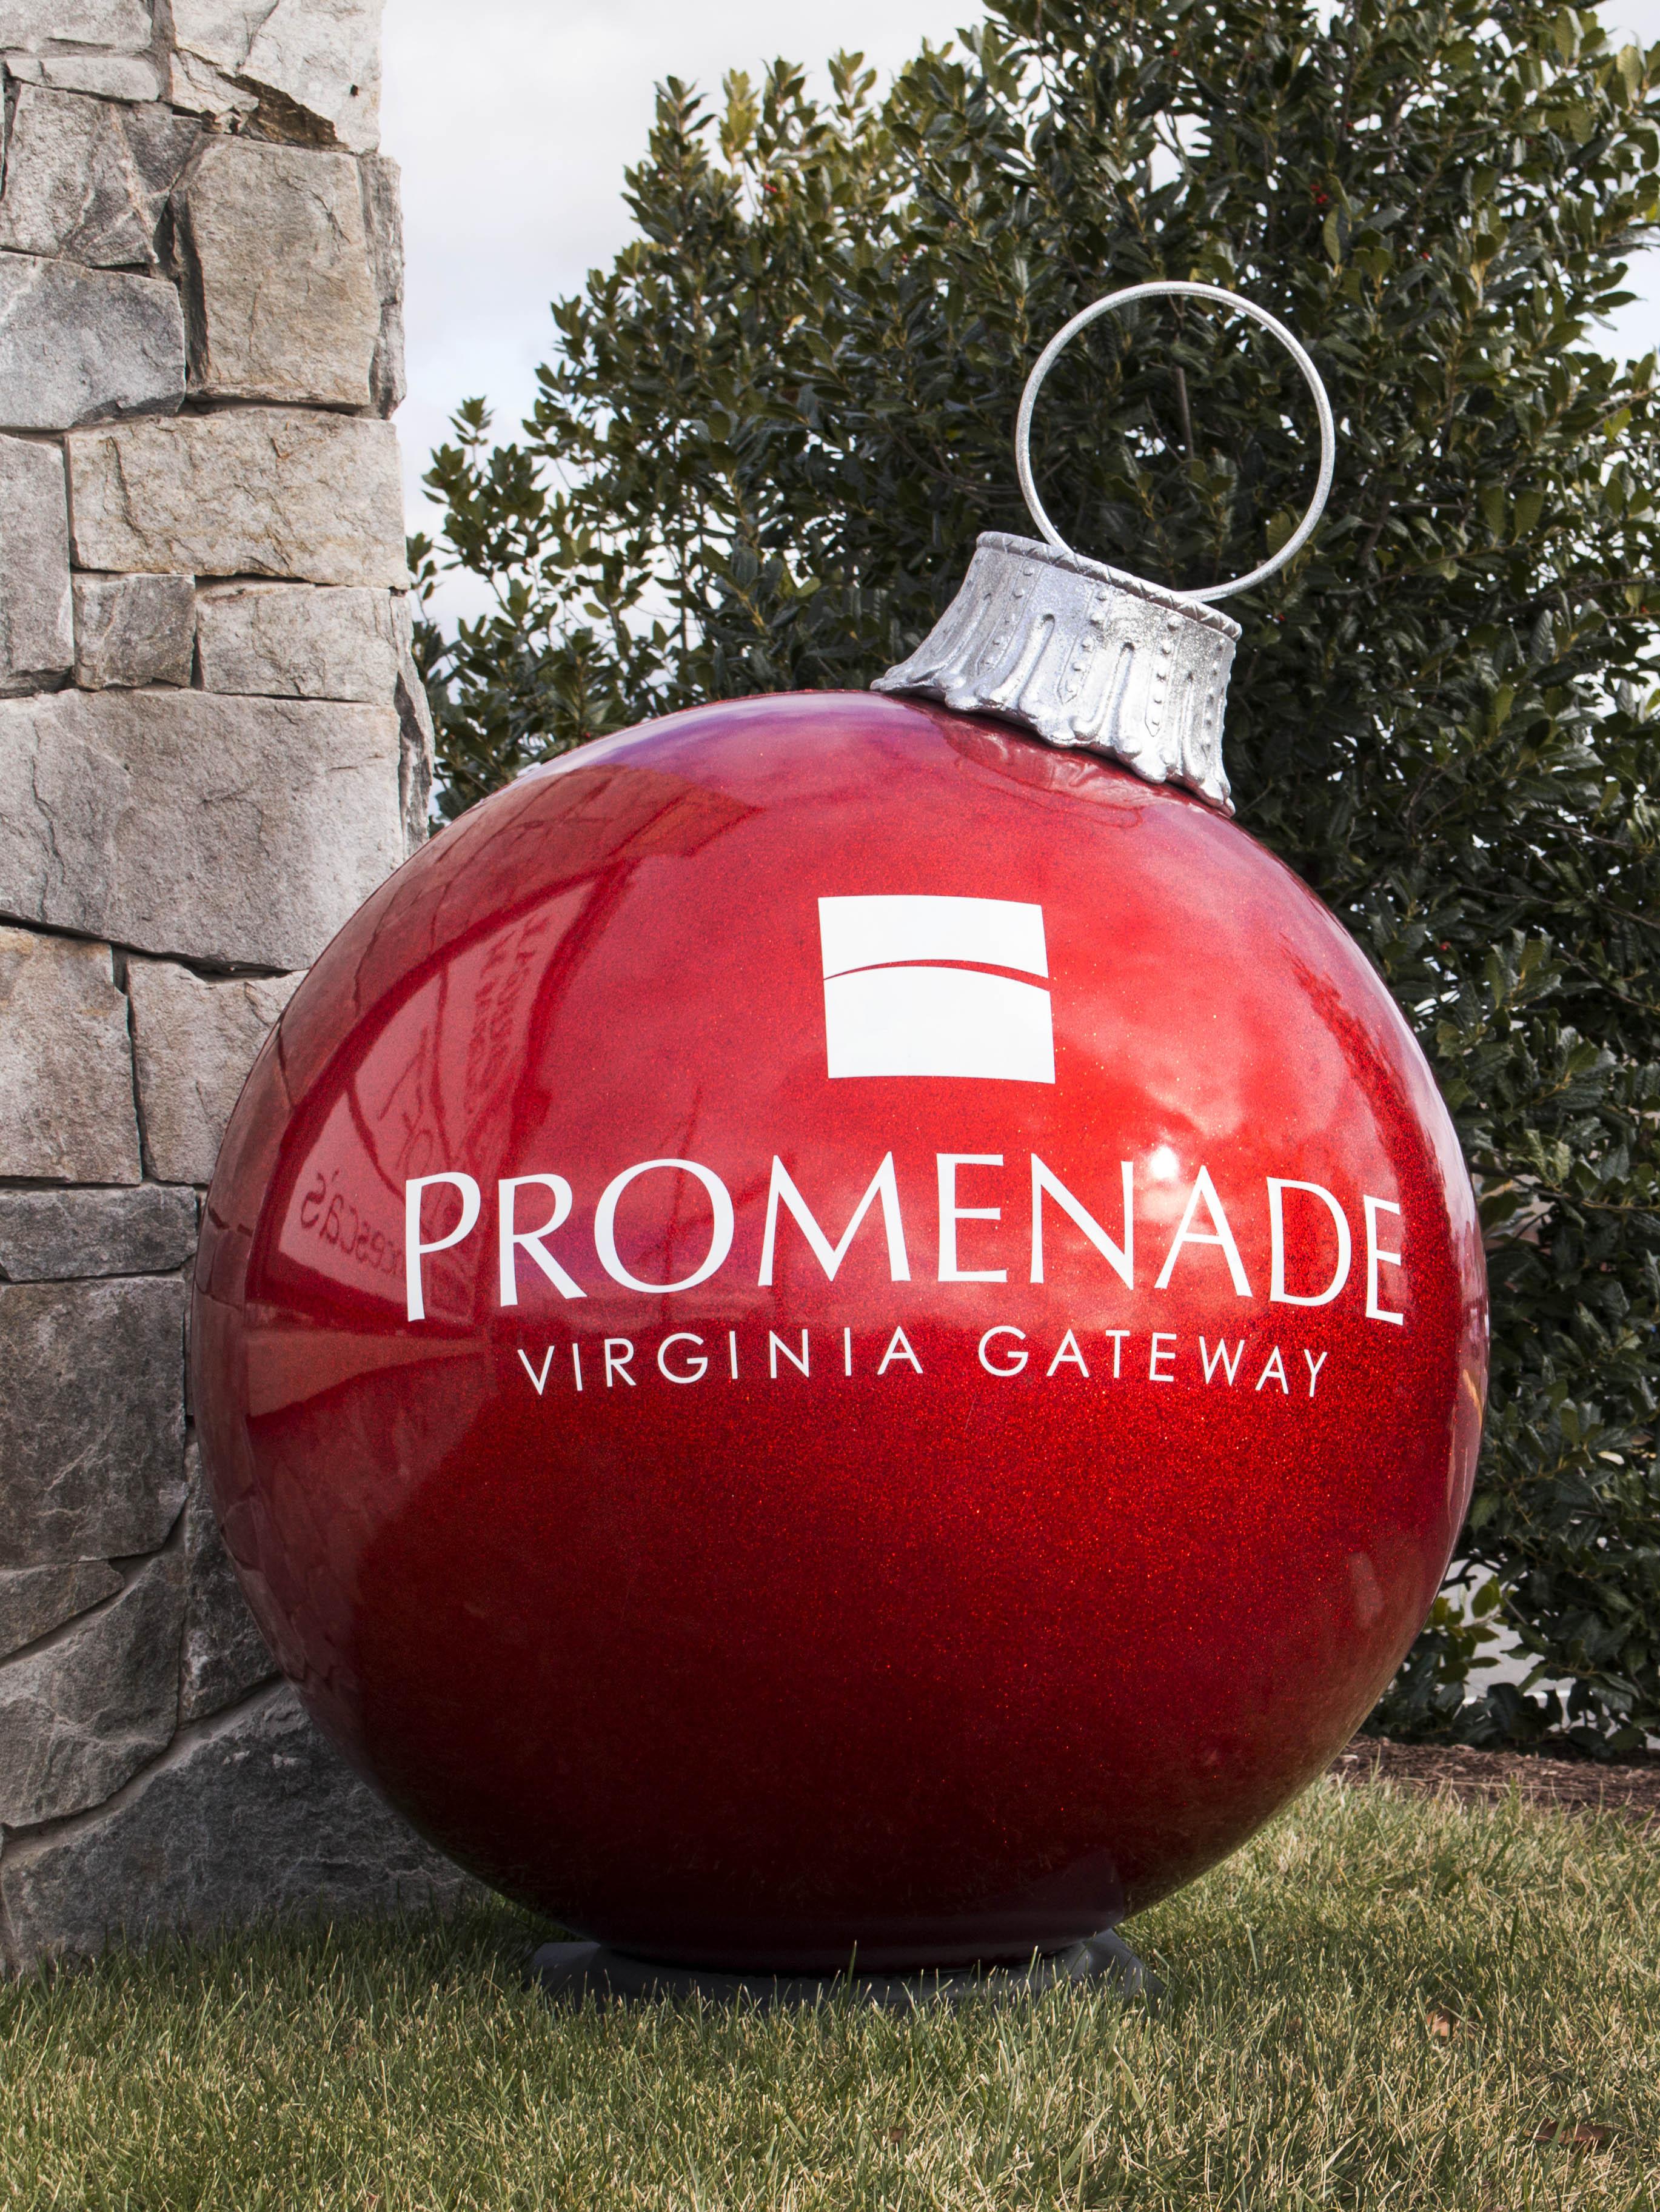 Fiberglass Giant Ornaments